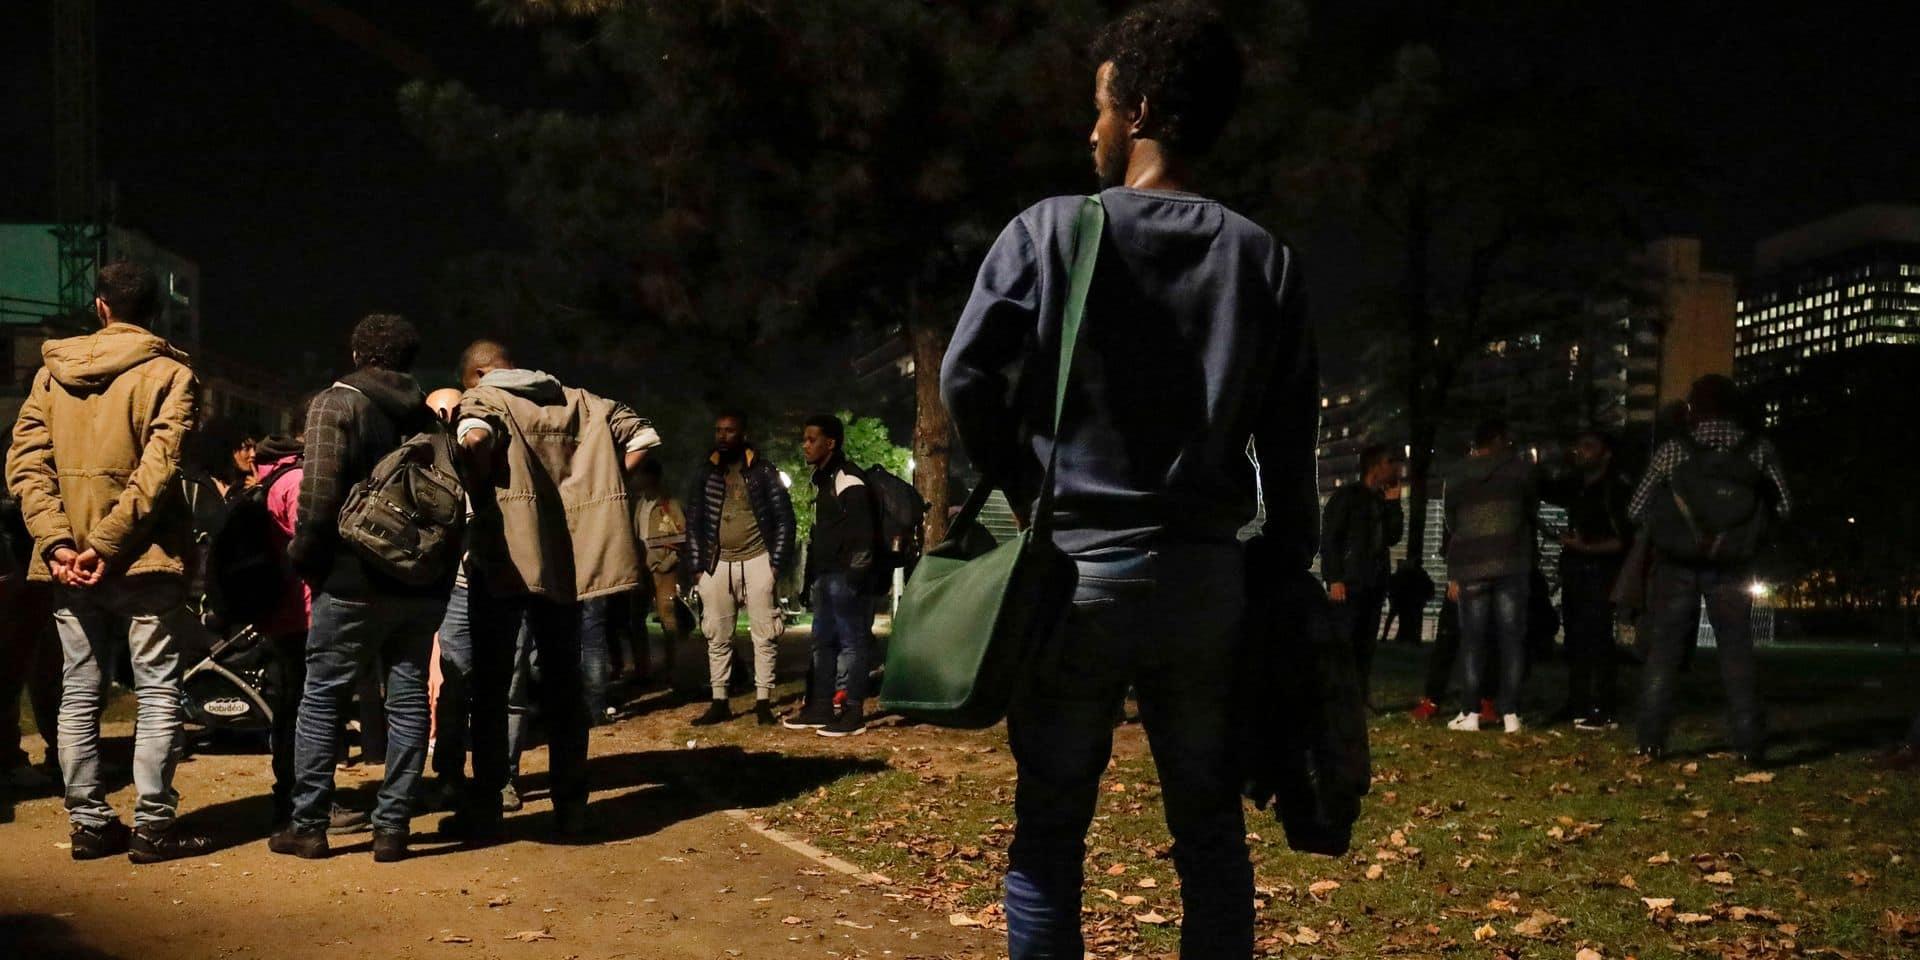 Les sans-abri génèrent des tensions au parc Maximilien